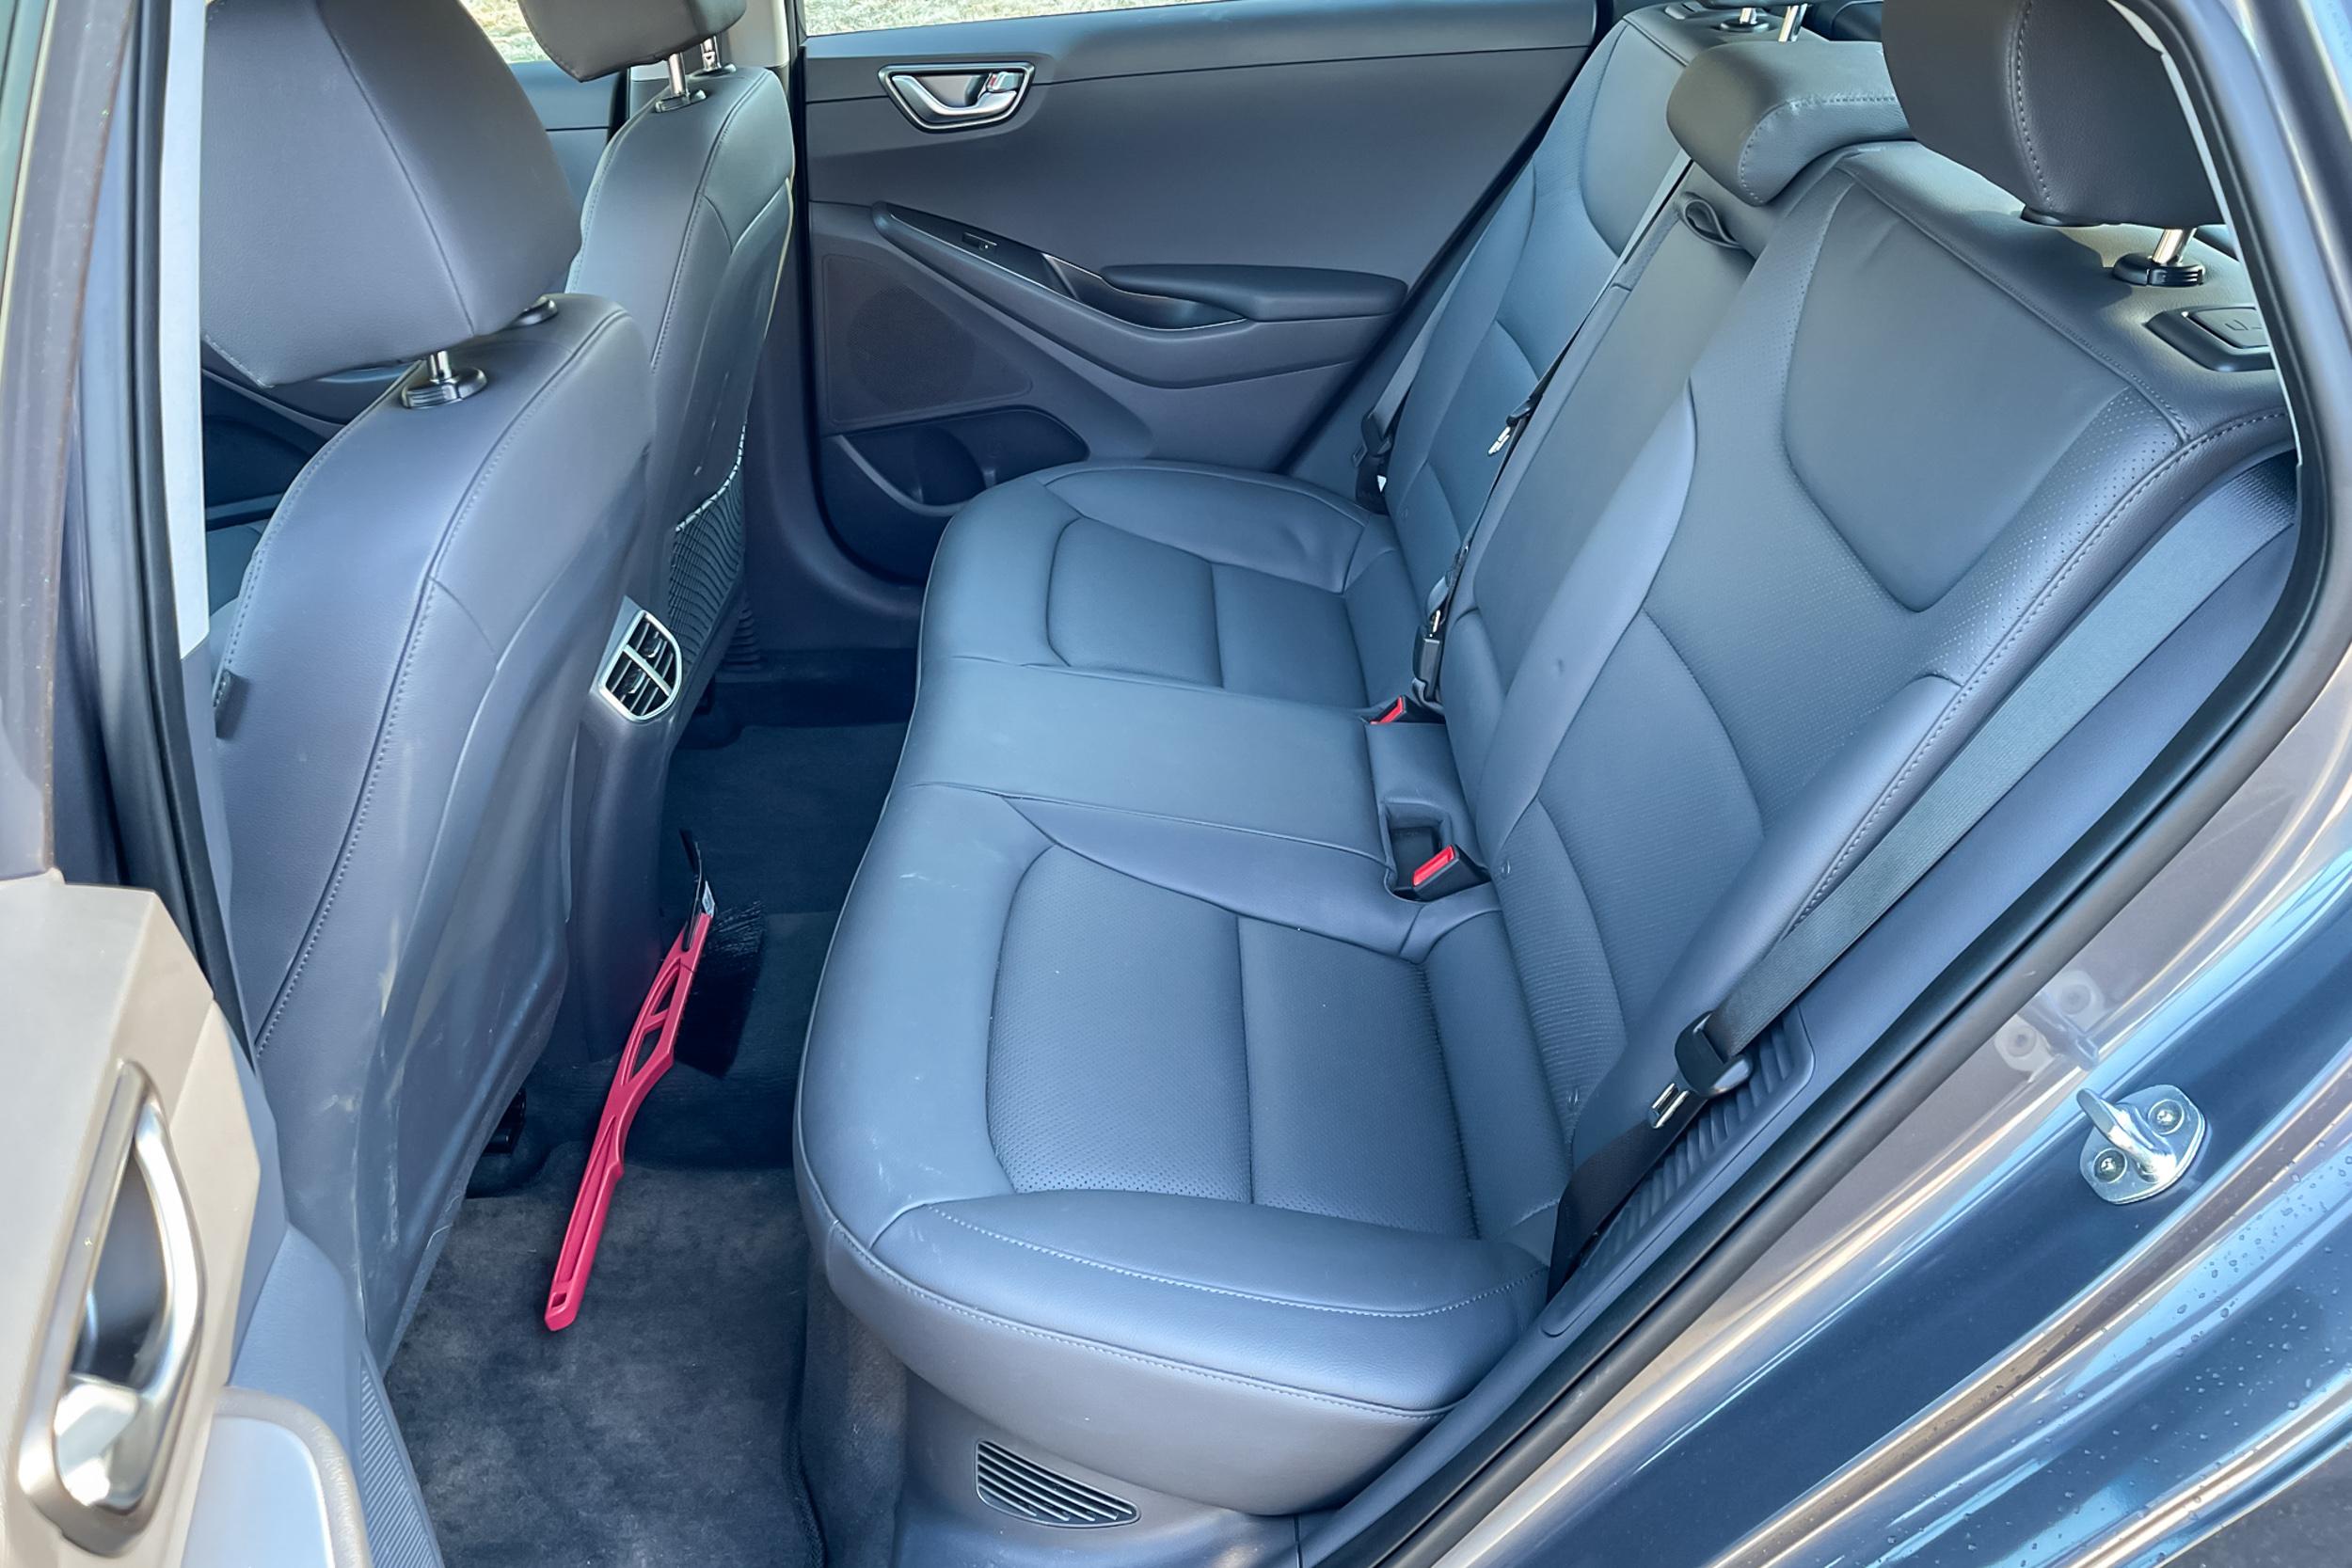 2021 Hyundai Ioniq PHEV Limited back seats